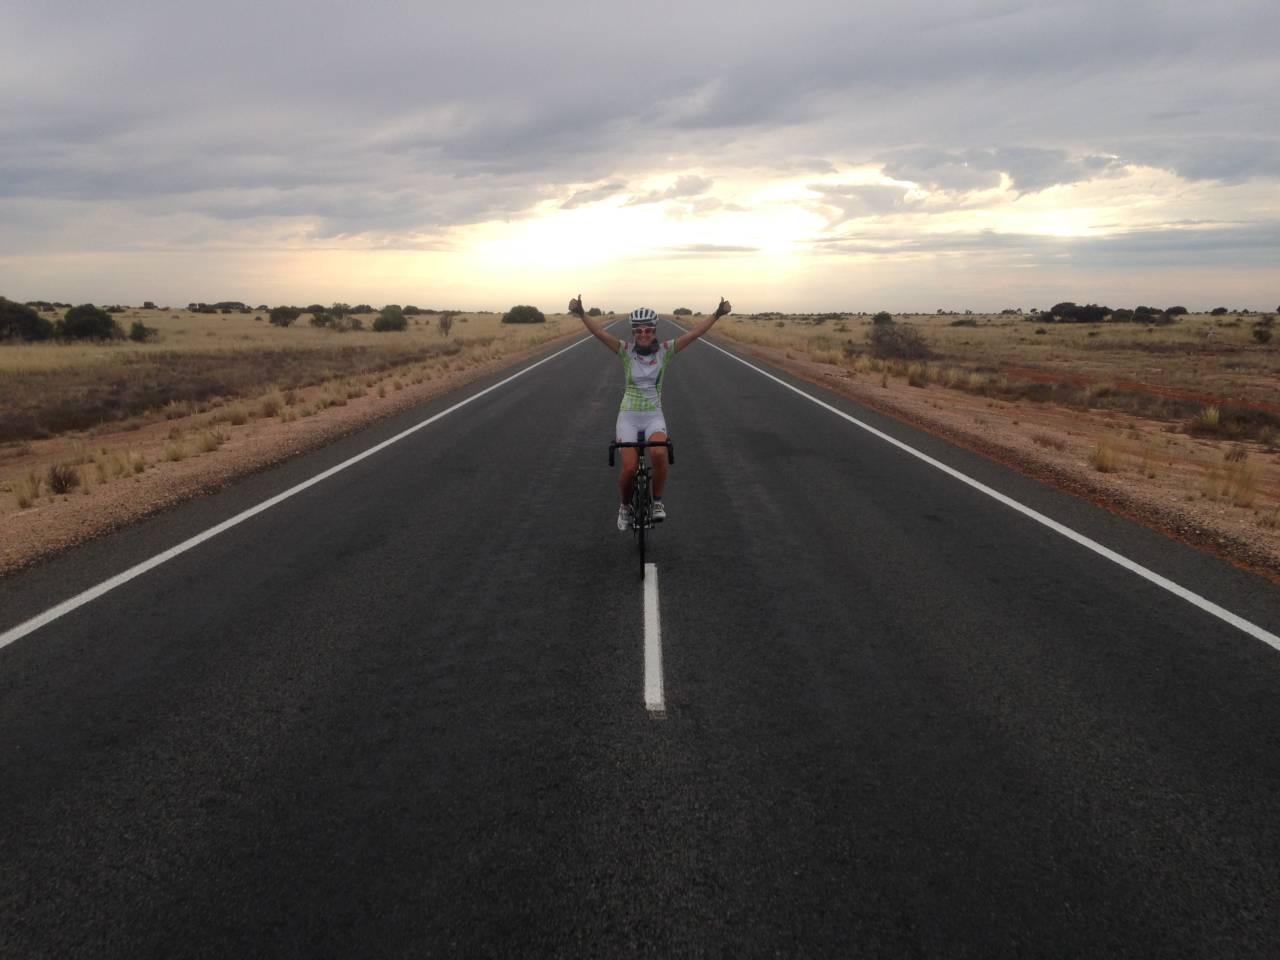 Paola Gianotti strada deserto Australia